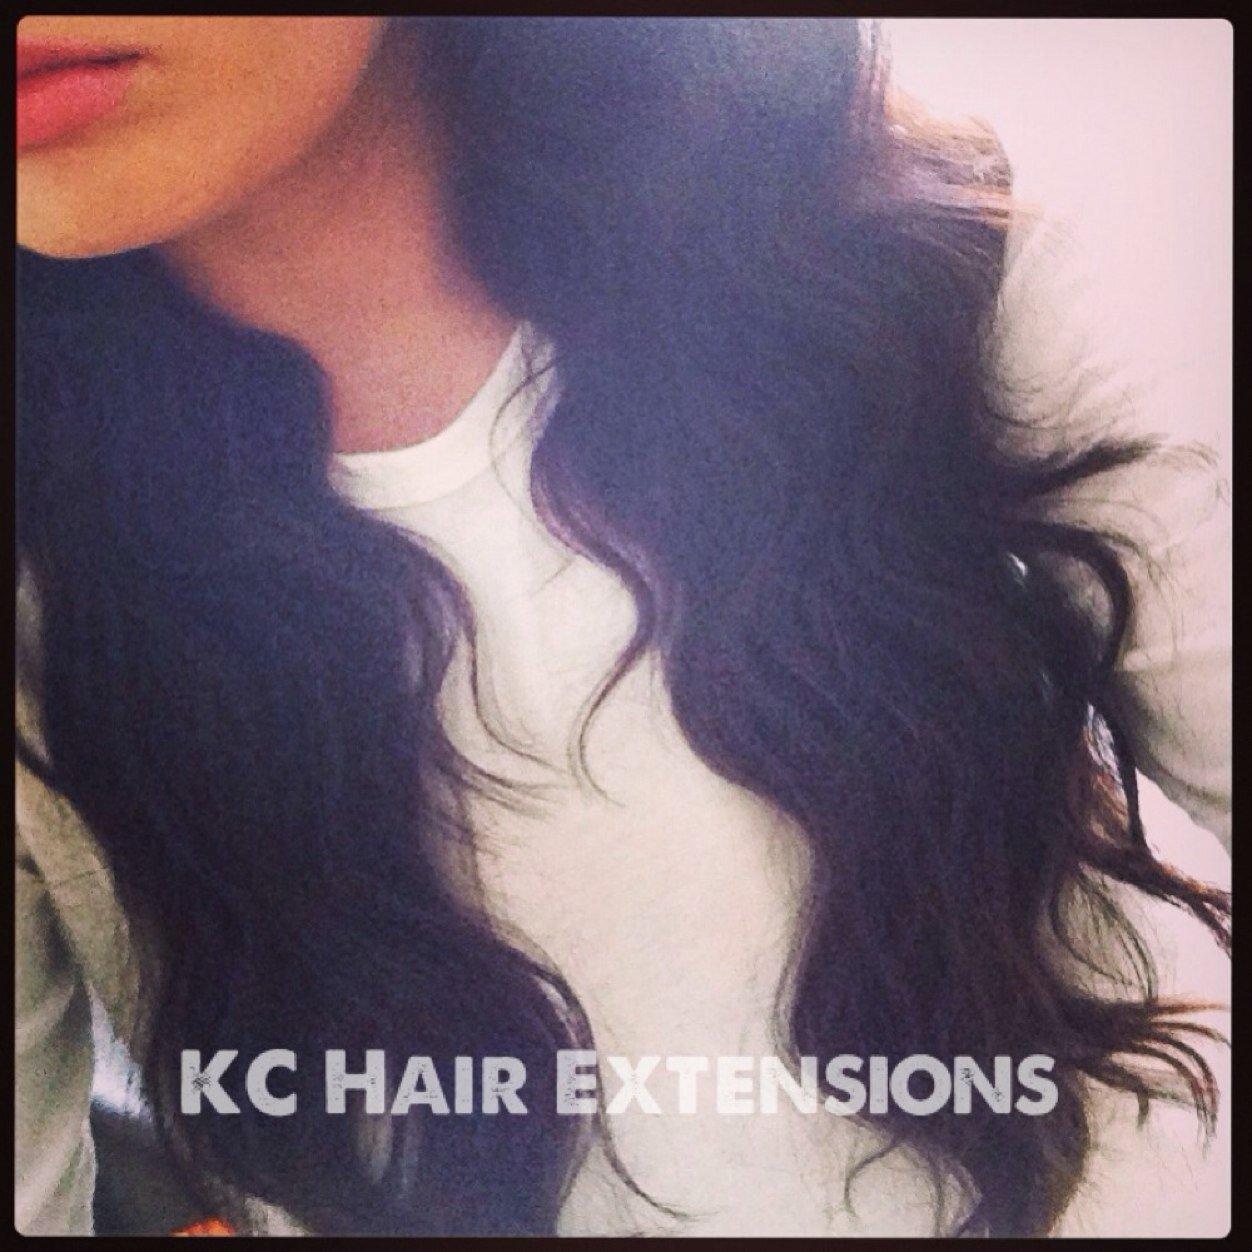 Kc Hair Extensions Kchair Twitter